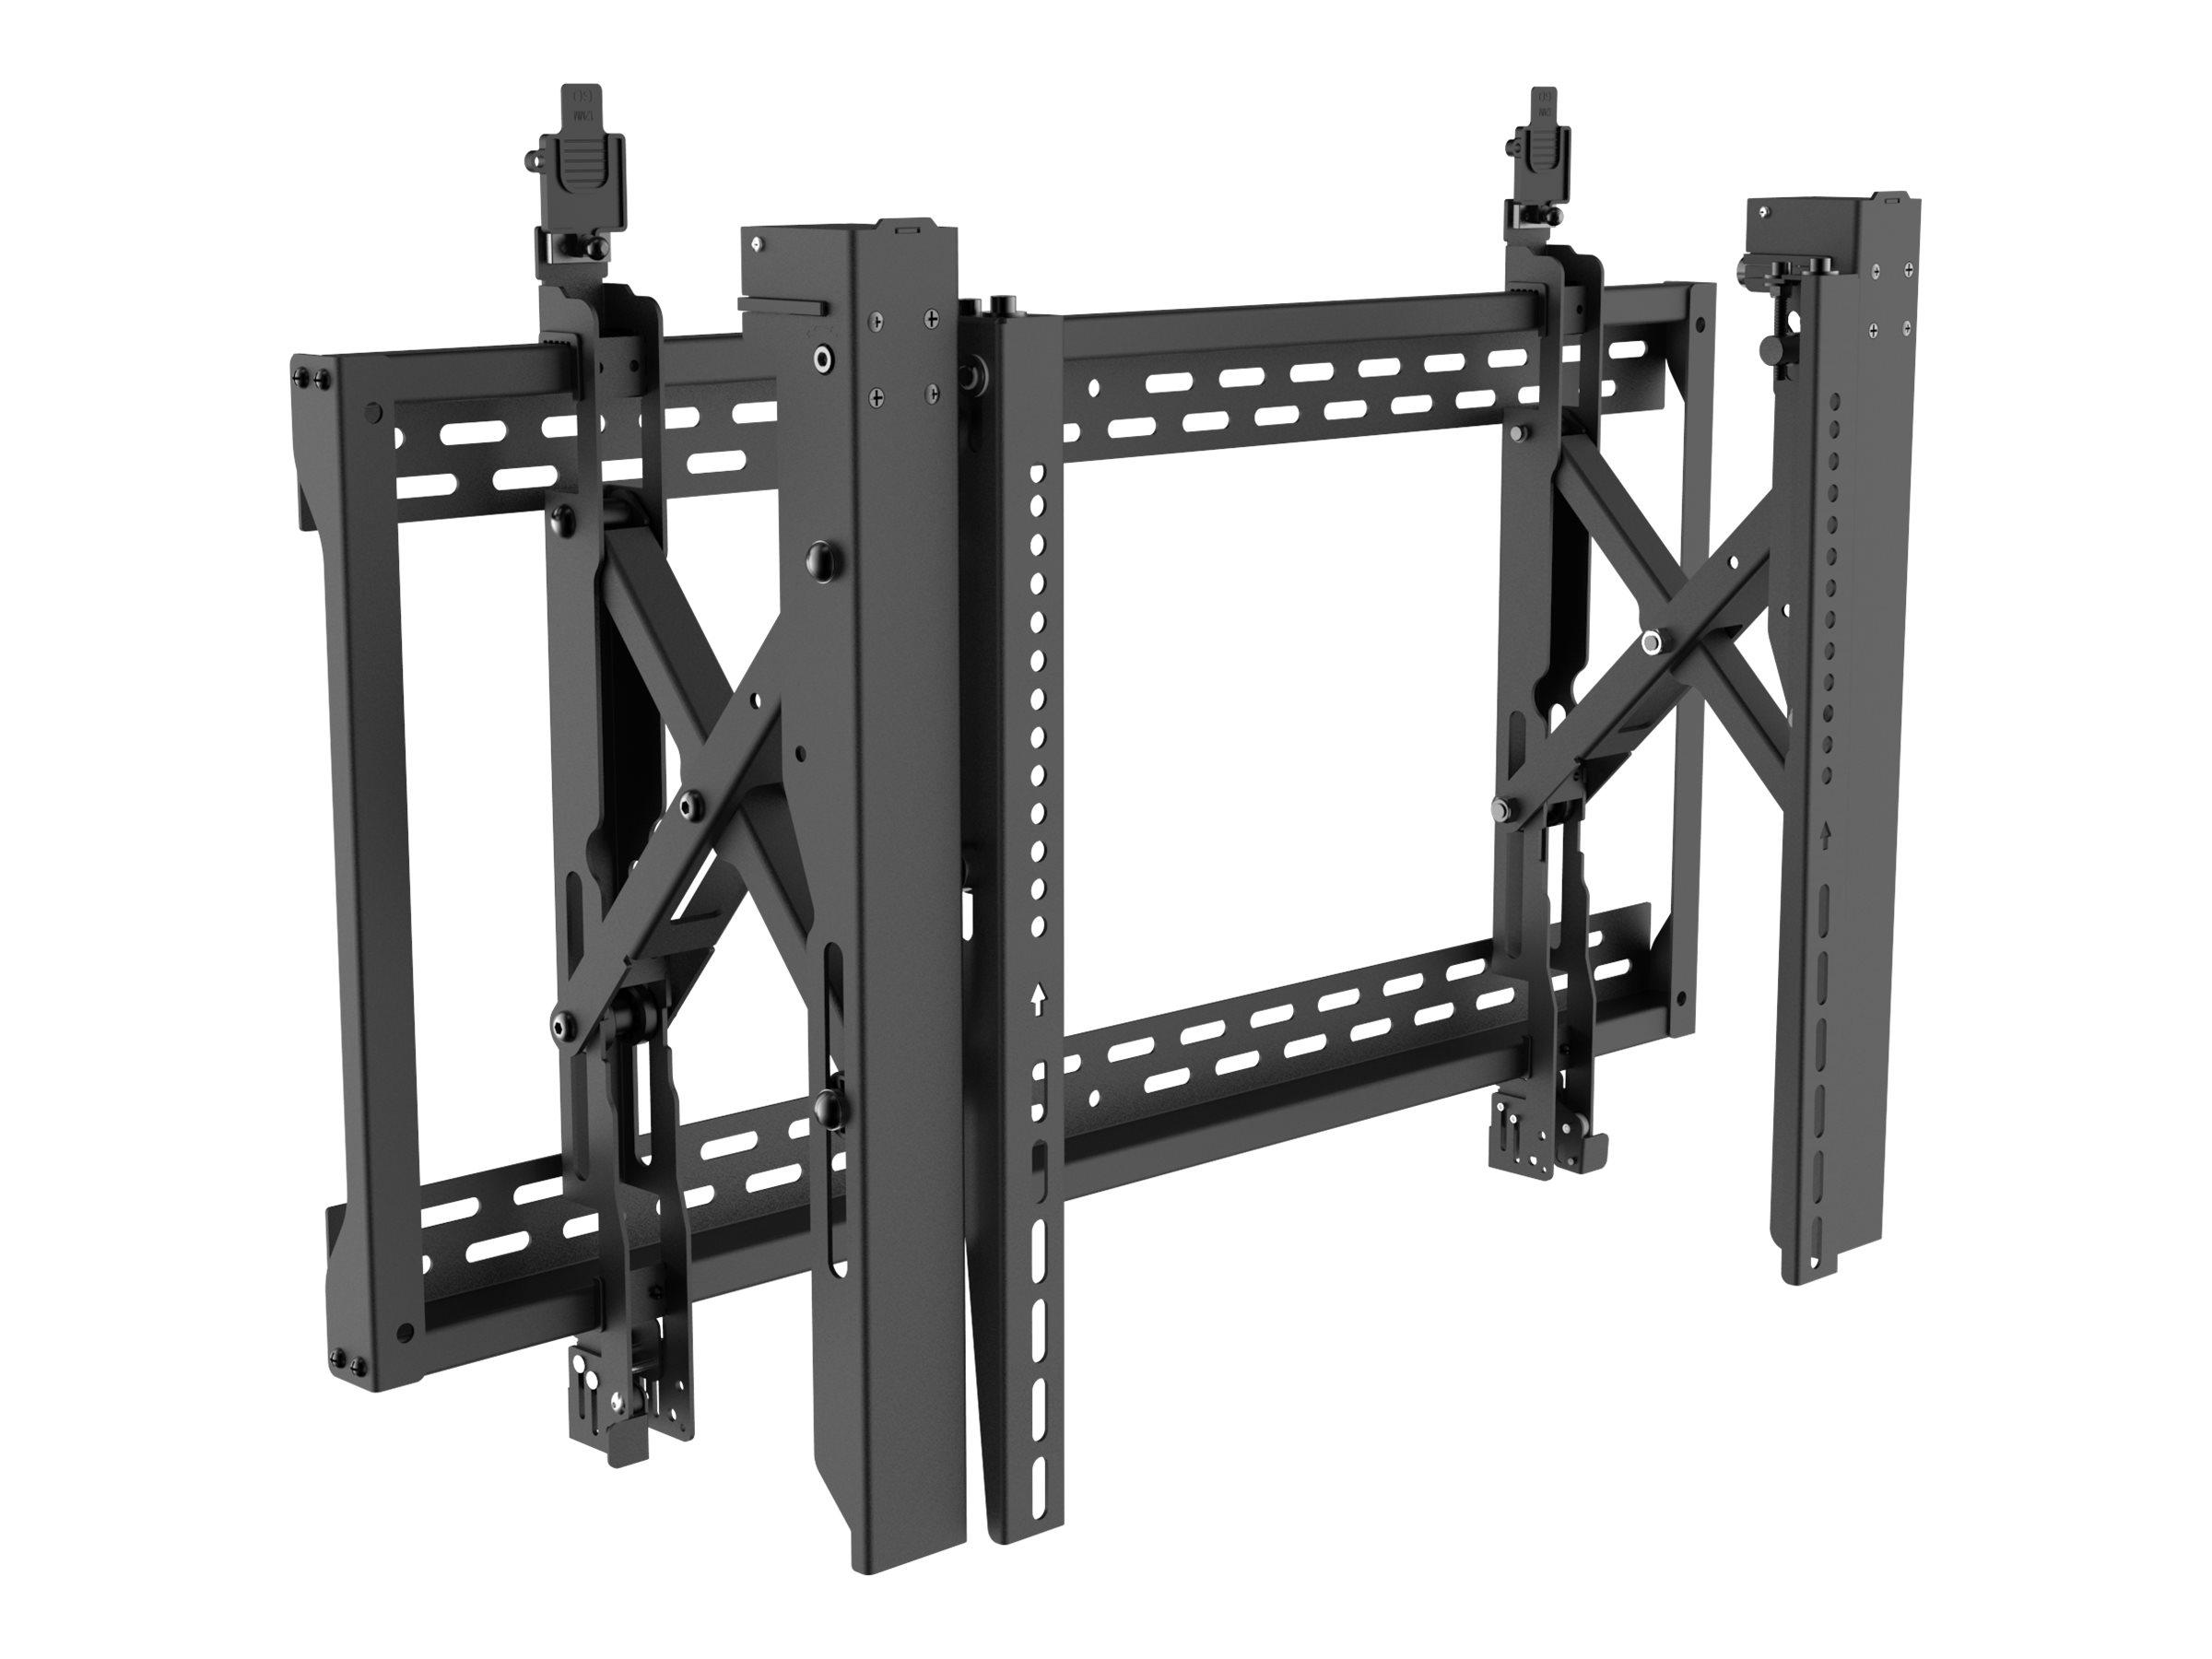 Vision VFM-VW8X4 - Wandhalterung für LCD-Display - verriegelbar - Stahl - Schwarz - Bildschirmgrösse: 114.3-203.2 cm (45